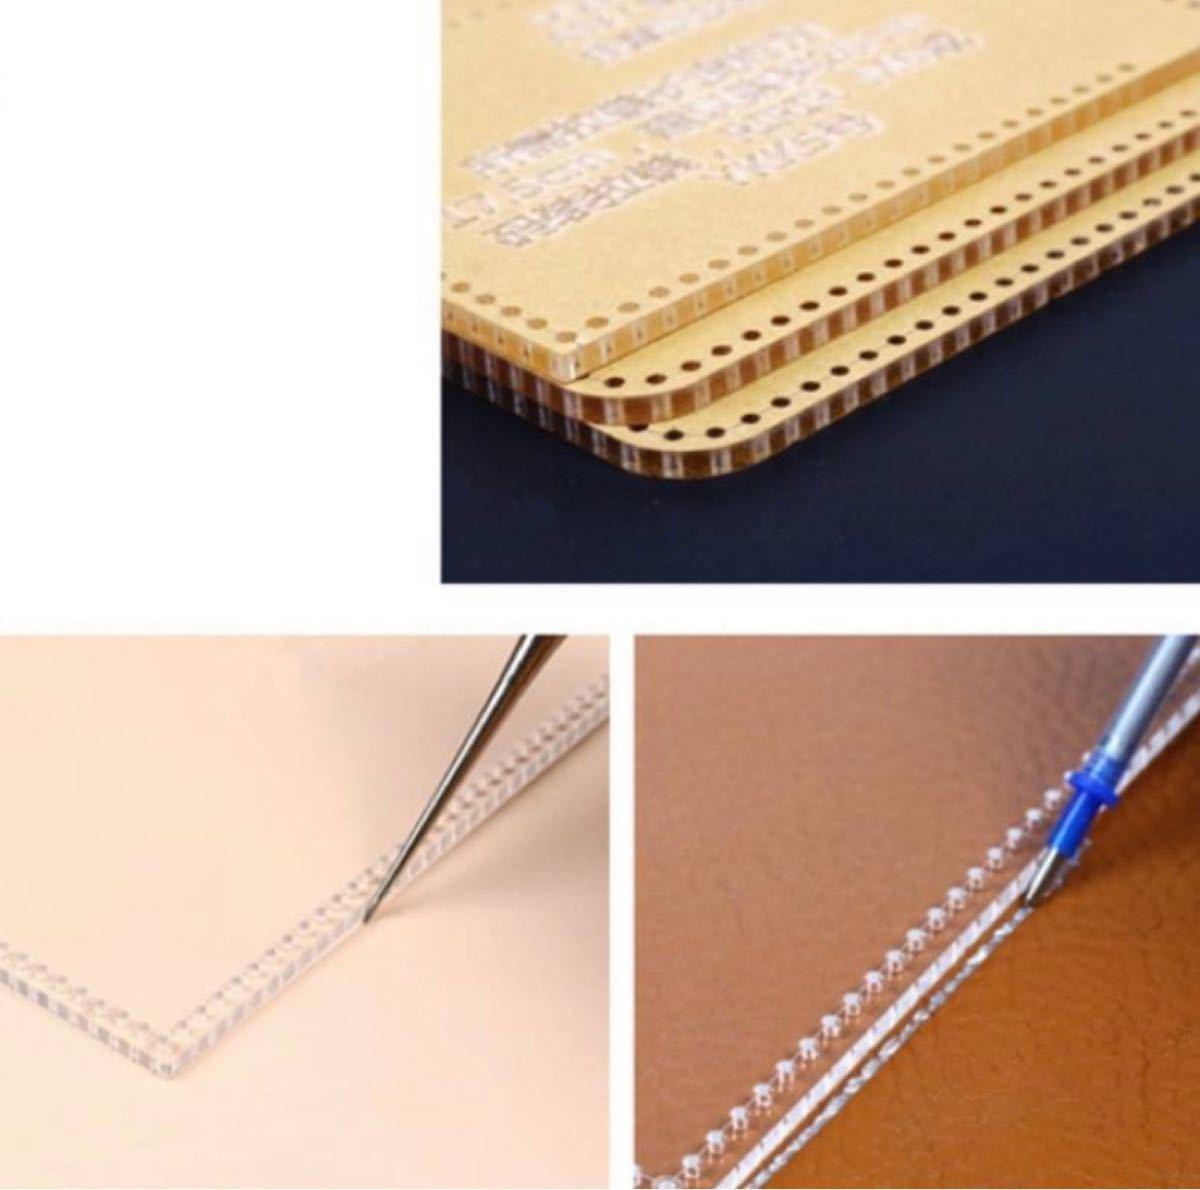 値下げ【レザークラフト】キーケース アクリル型 ハンドメイド 手作り オリジナル 革小物 レザー 革キーケース